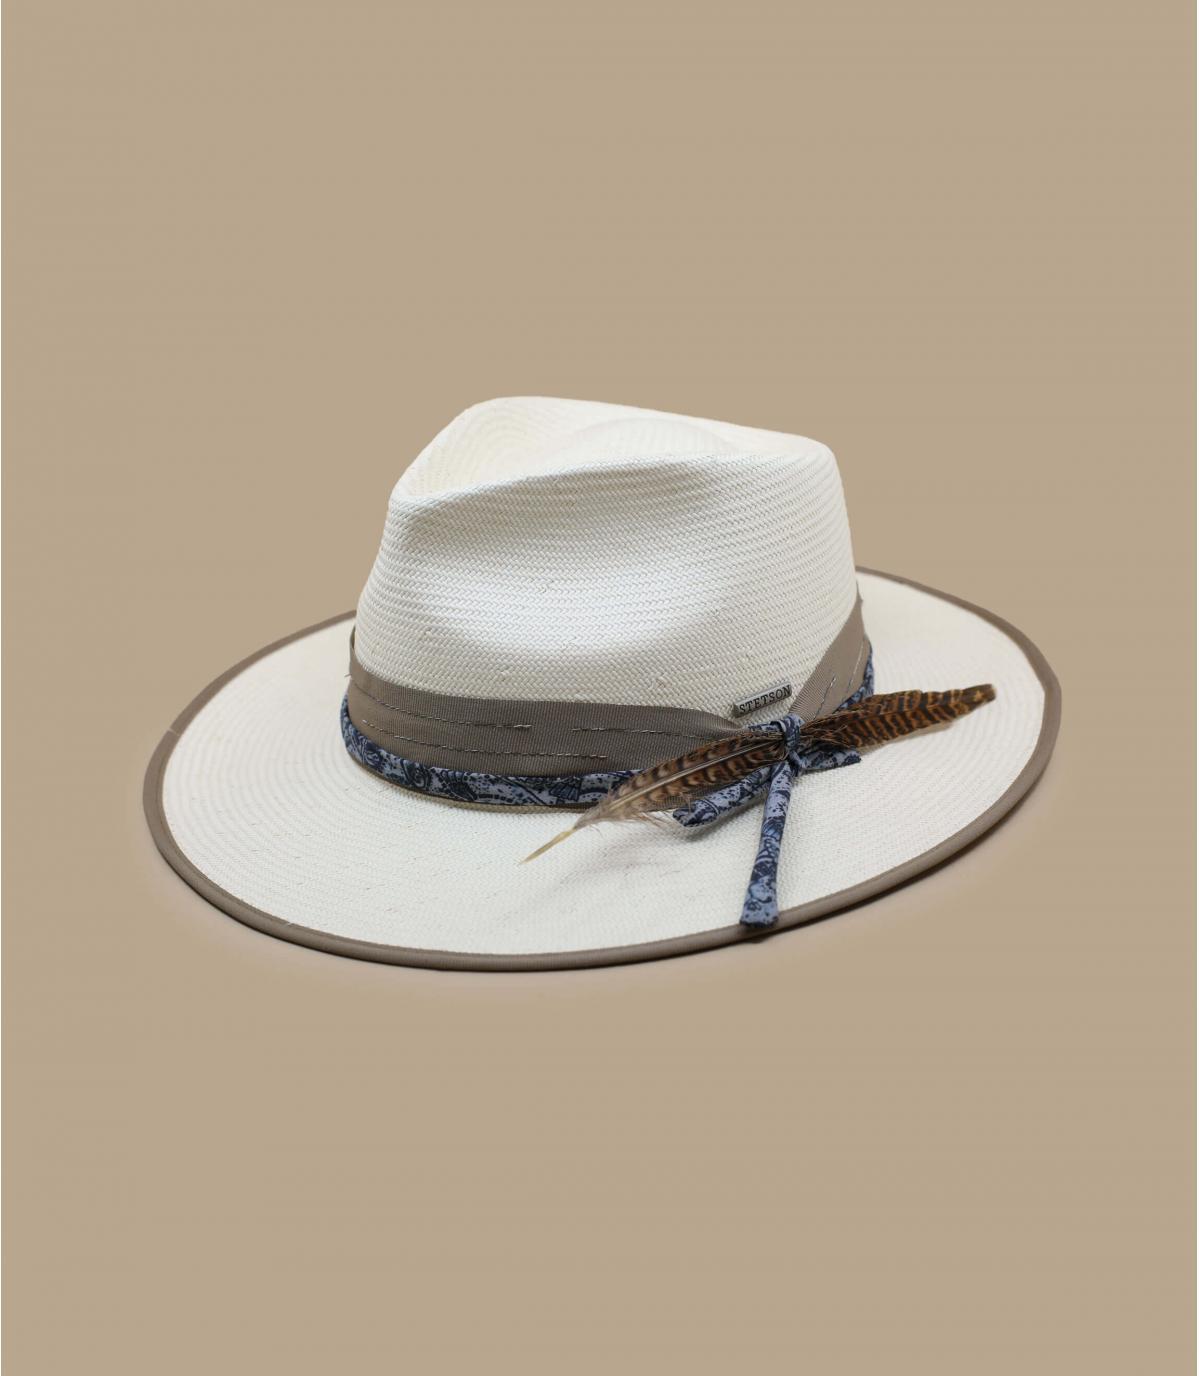 Stetson straw hat white